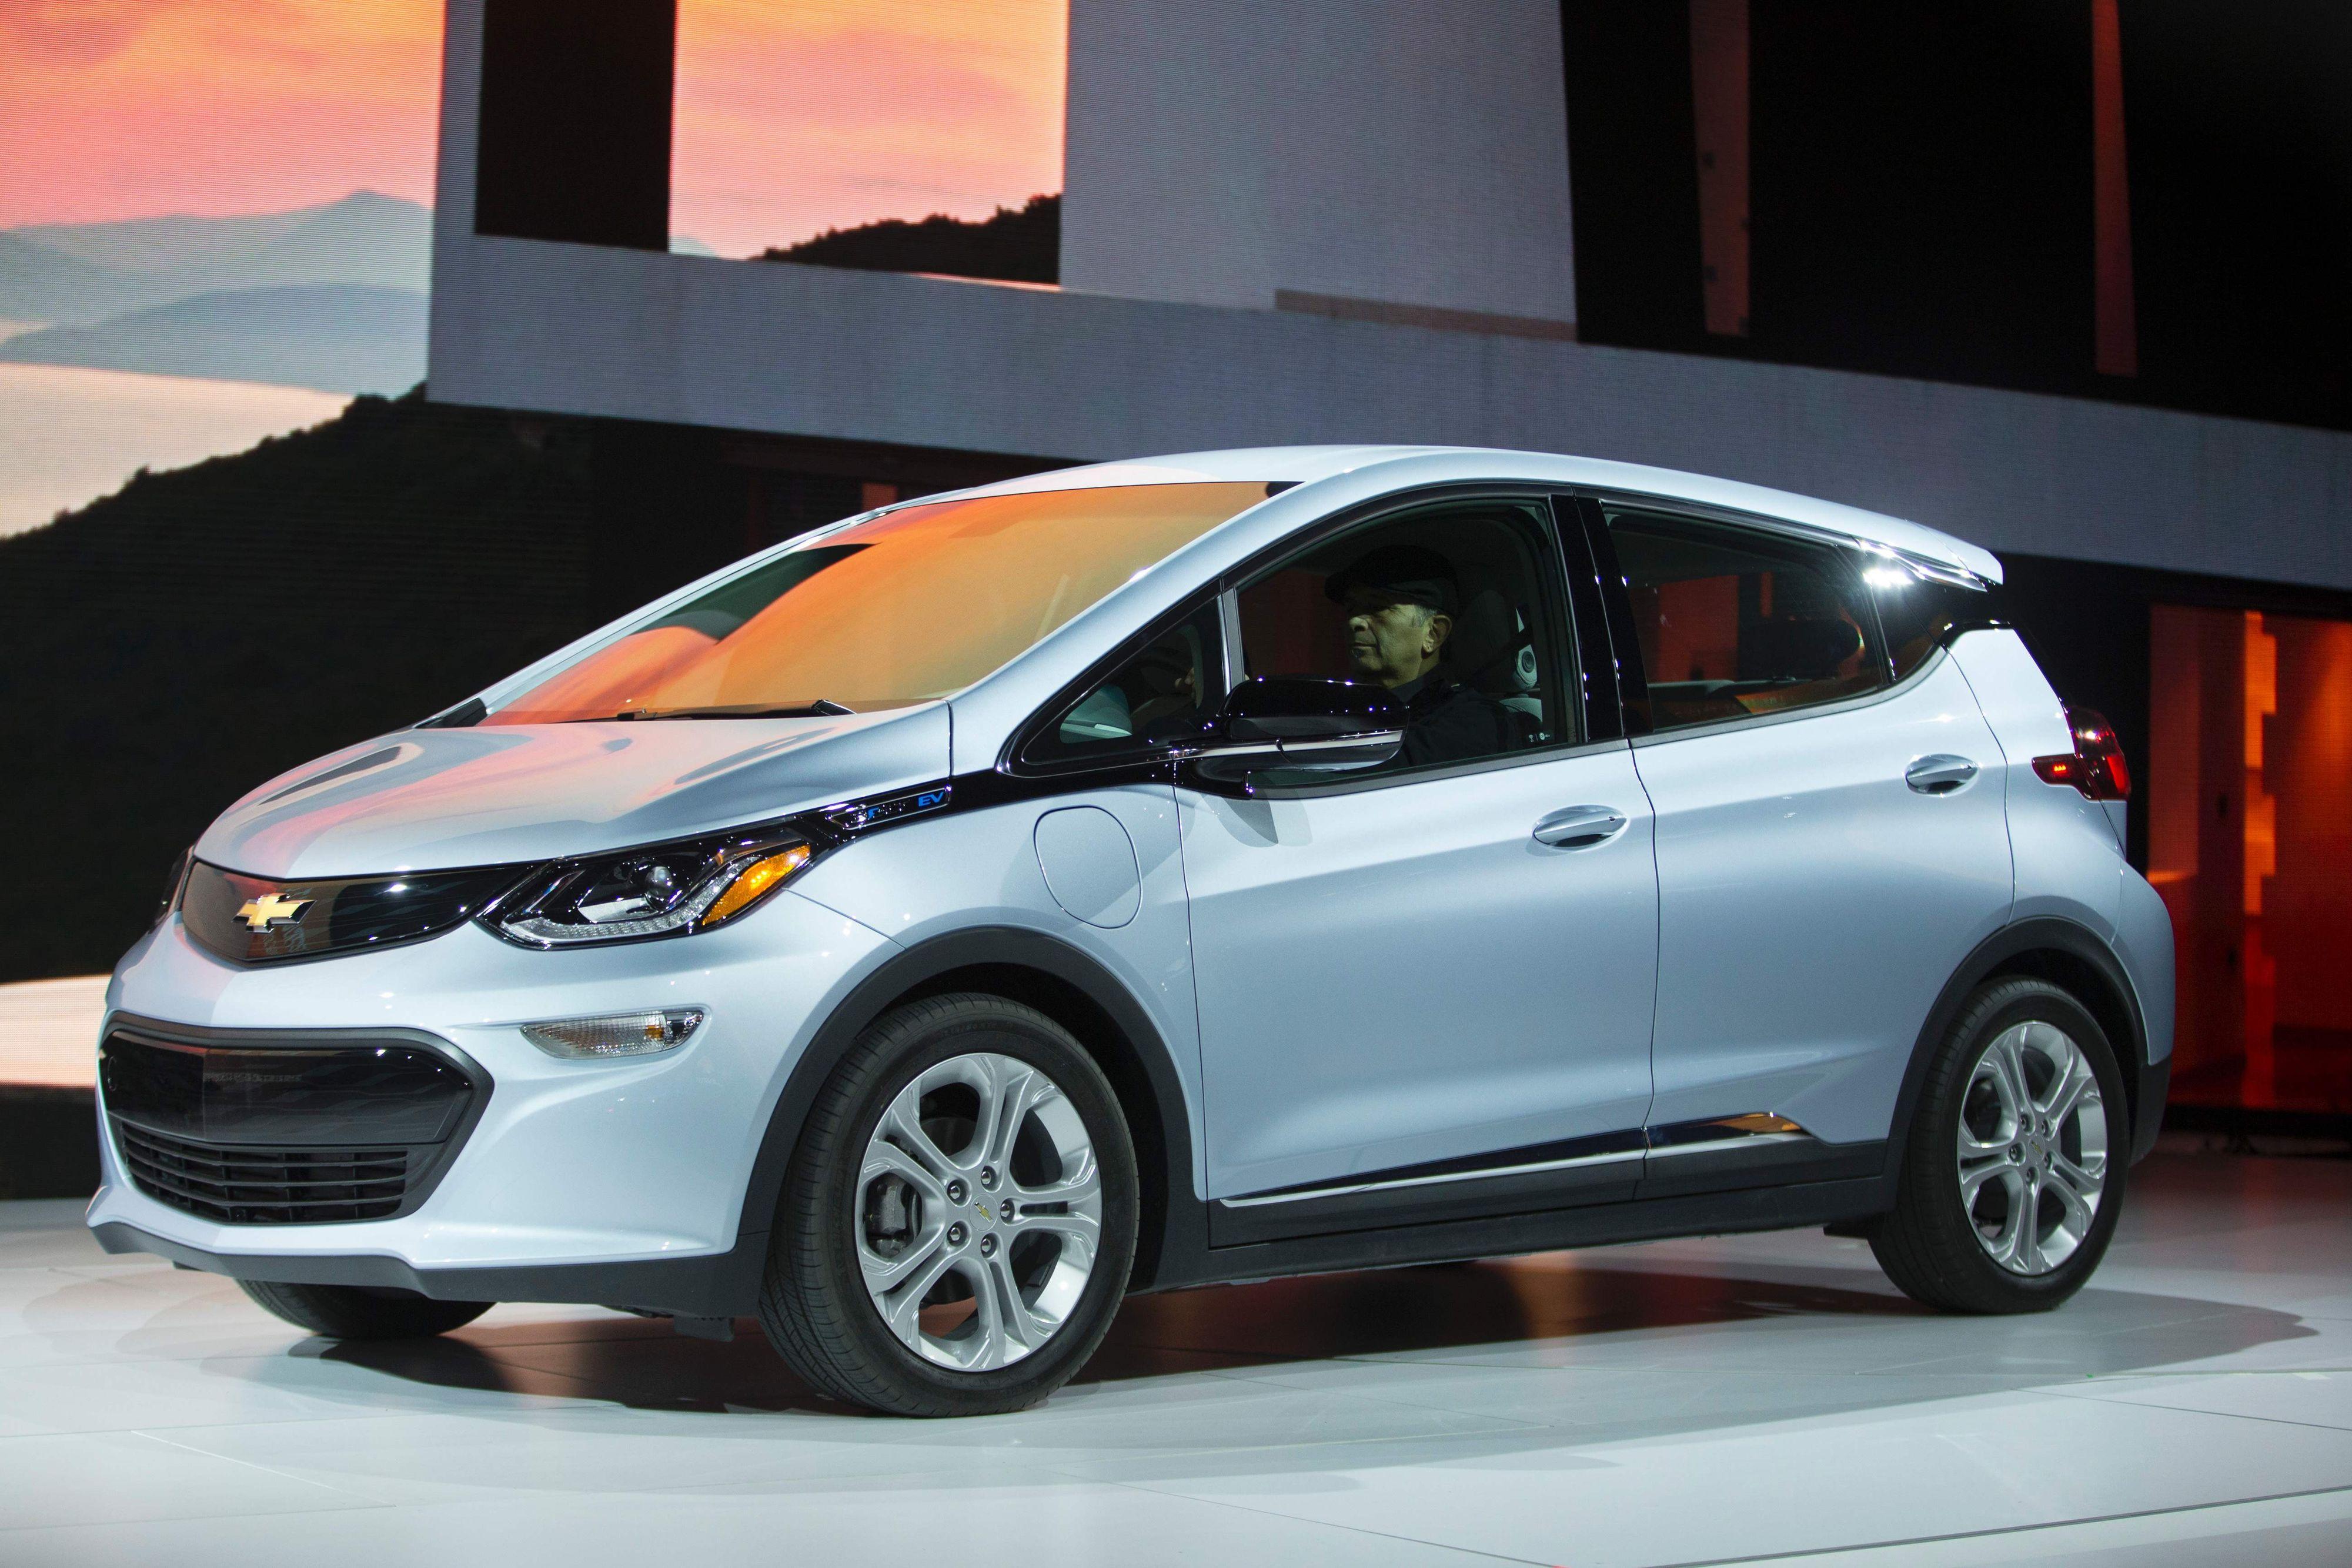 Etter at General Motors solgte Opel til Groupe PSA, har samtidig betingelsene for produksjon av bilen endret seg, og det er sannsynlig at GM ikke ønsker å konkurrere med seg selv, ettersom de selv markedsfører bilen som Chevrolet Bolt i USA. Det er det som gjør at Opel Norge i dag går ut med prisøkning .